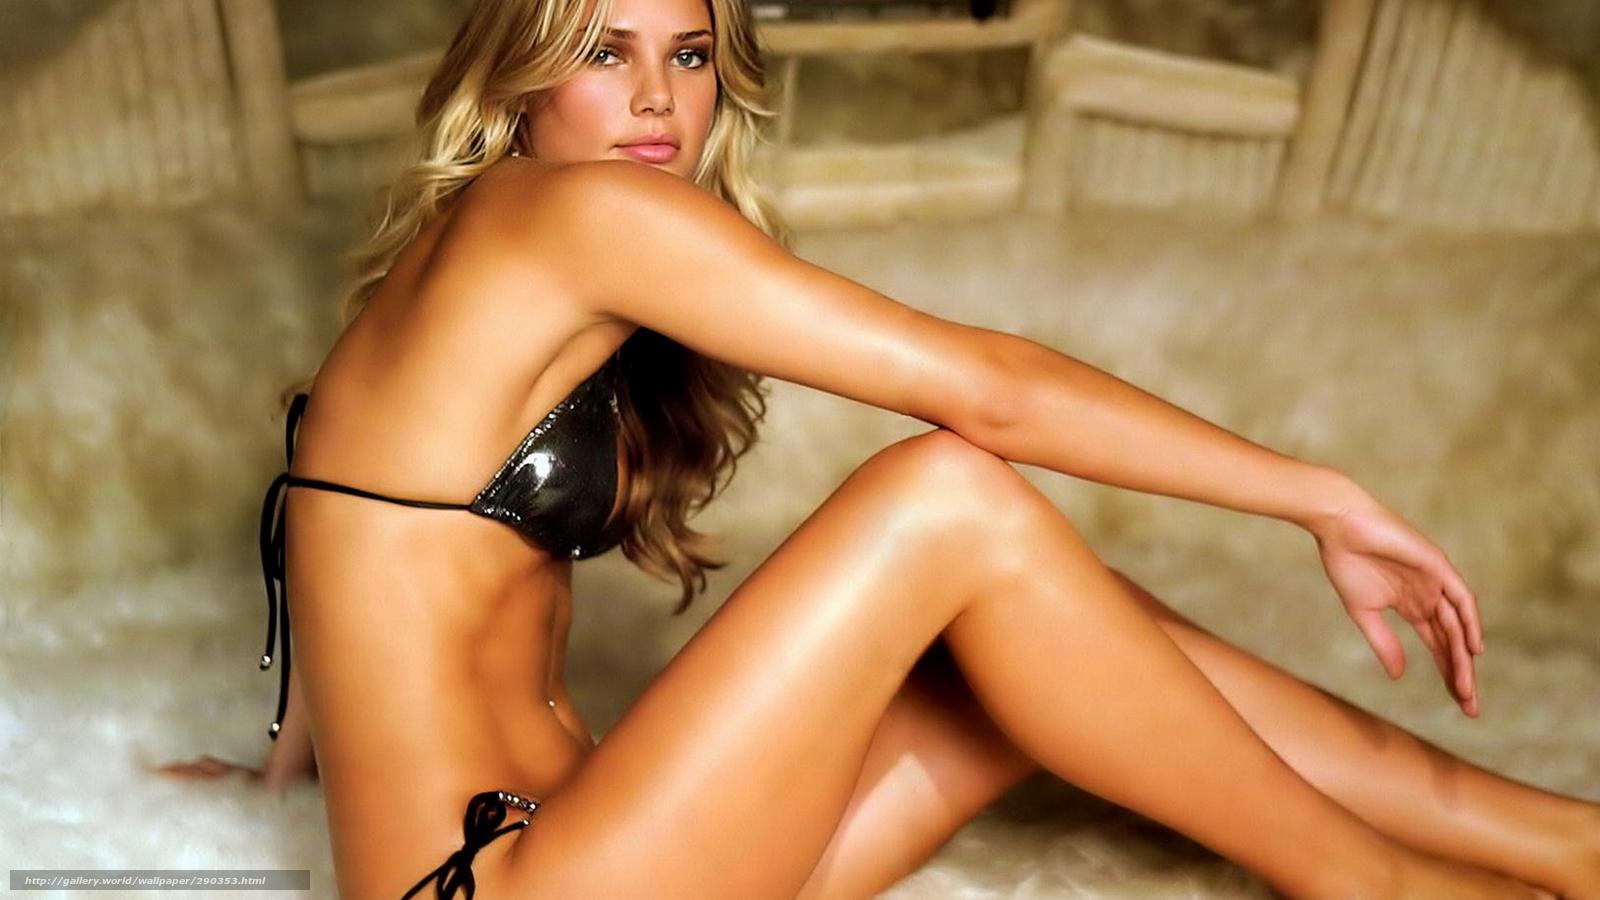 Сексуальные симпатичные девушки мира 13 фотография